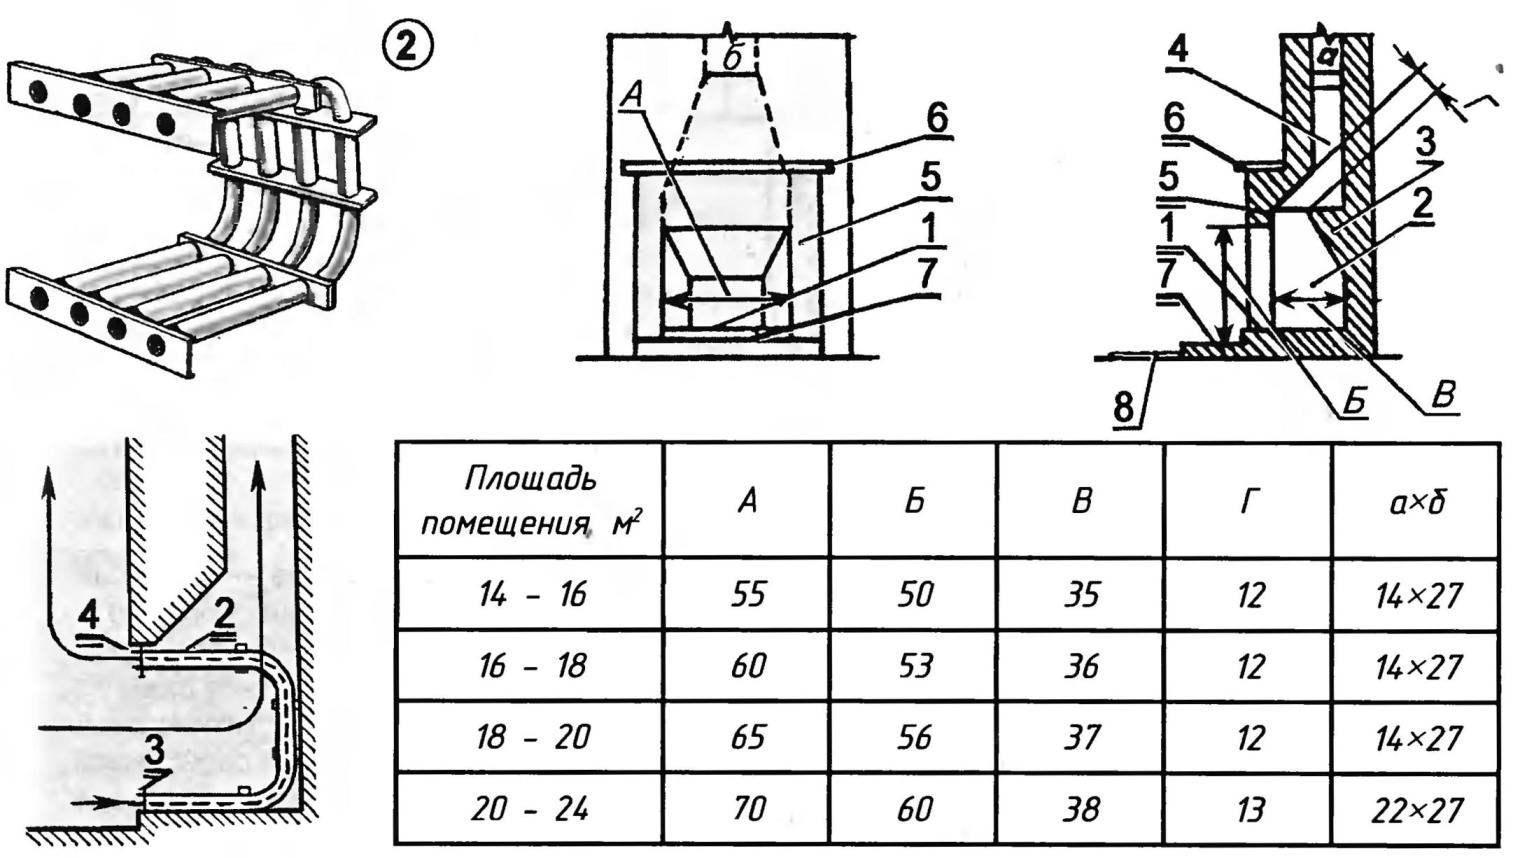 Рис. 8. Схема и основные размеры камина (в см.)